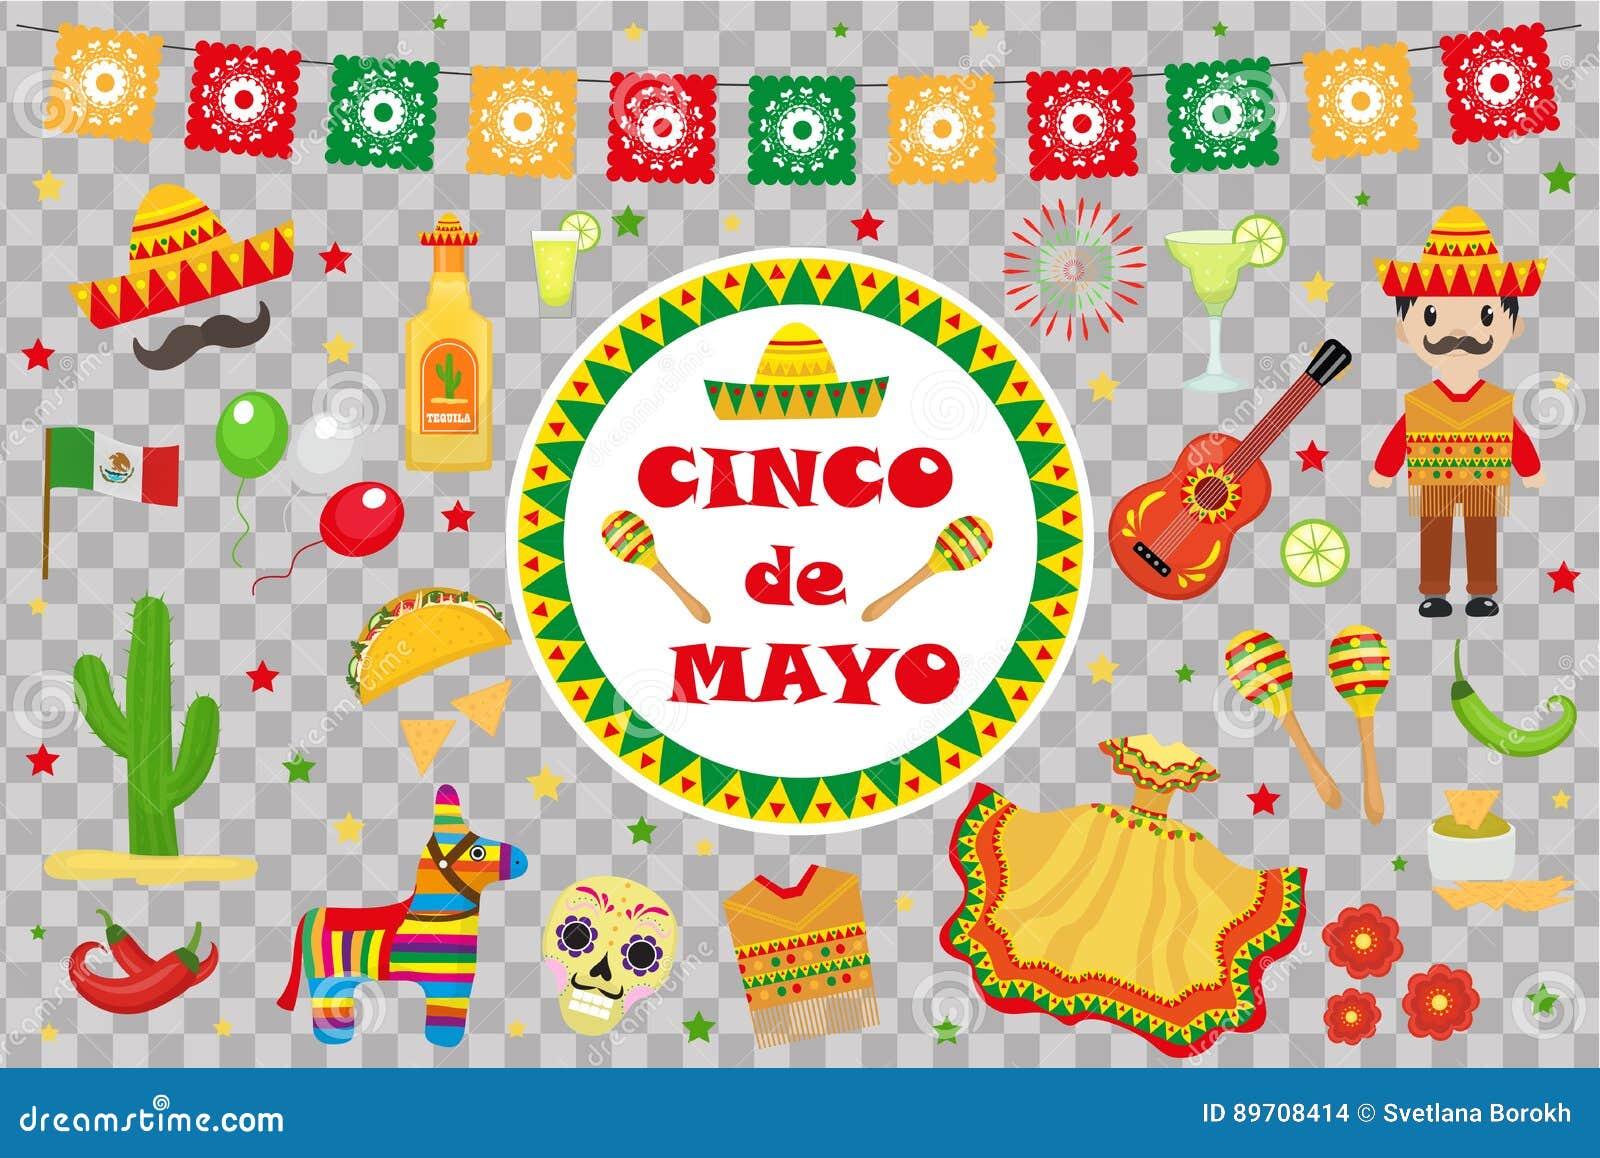 La celebración de Cinco de Mayo en México, iconos fijó, elemento del diseño, estilo plano Objetos collectiones para el desfile de